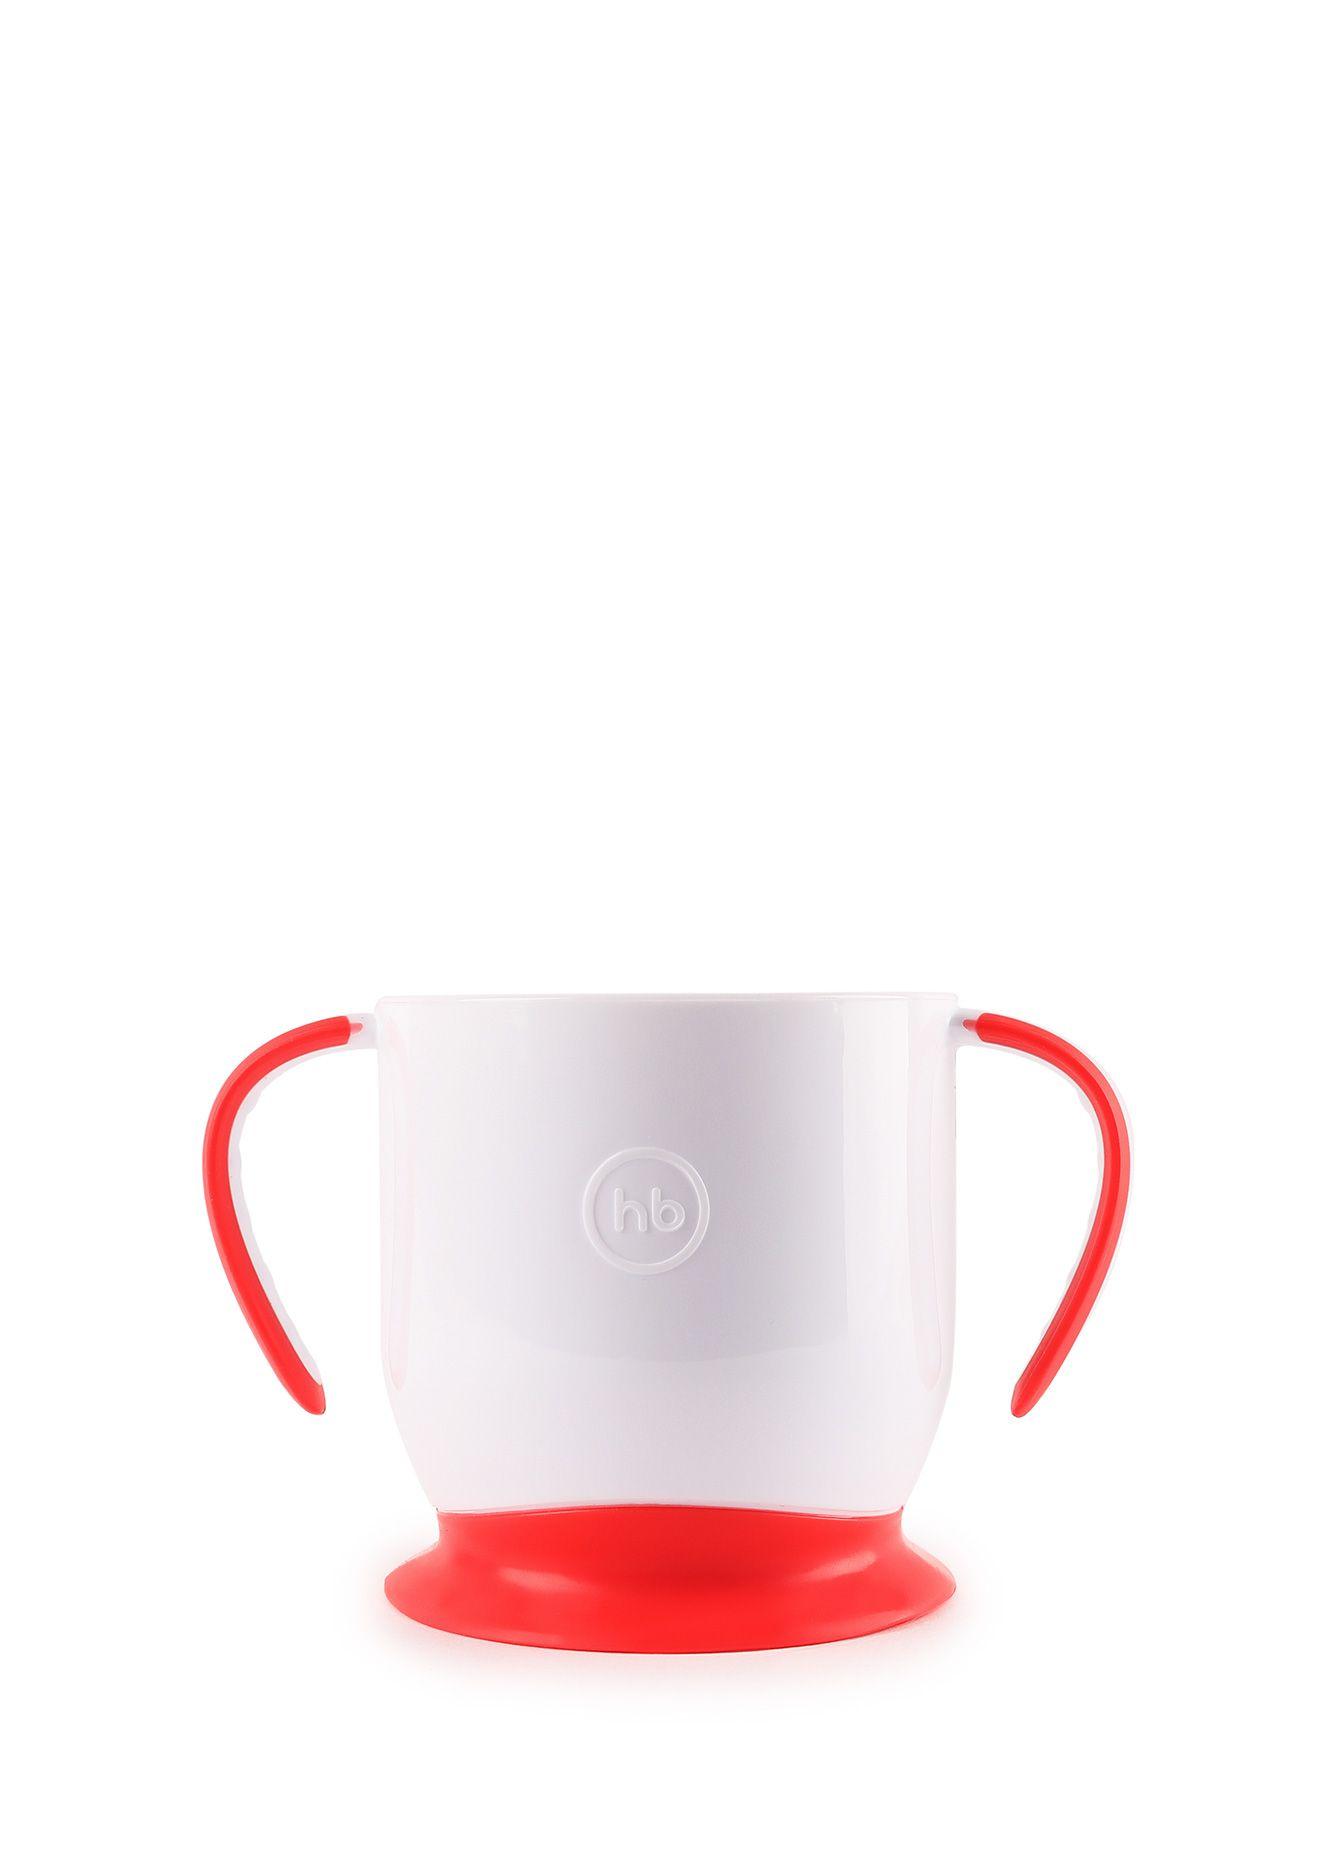 кружка на присоске happy baby baby cup with suction base 15022 red Кружка Happy Baby 15022, красный